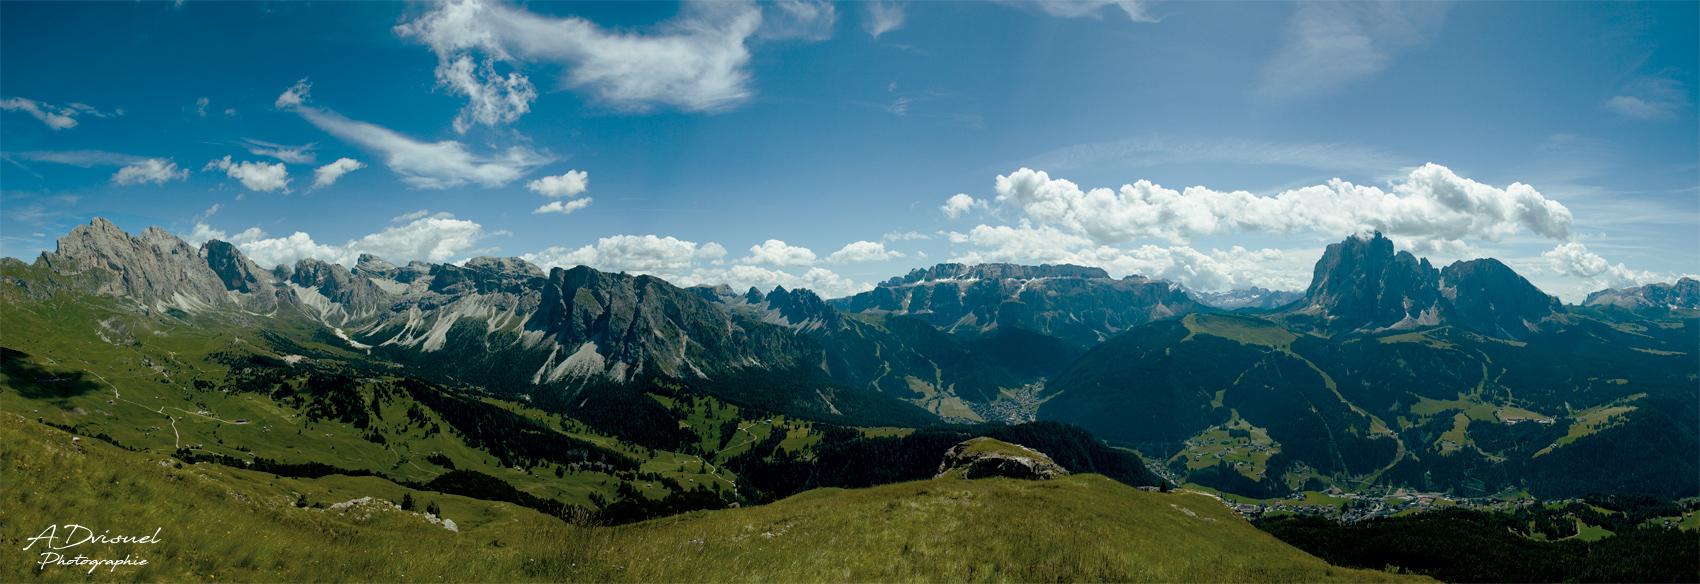 Photo panoramique montagne italie, photographie et retouche photo